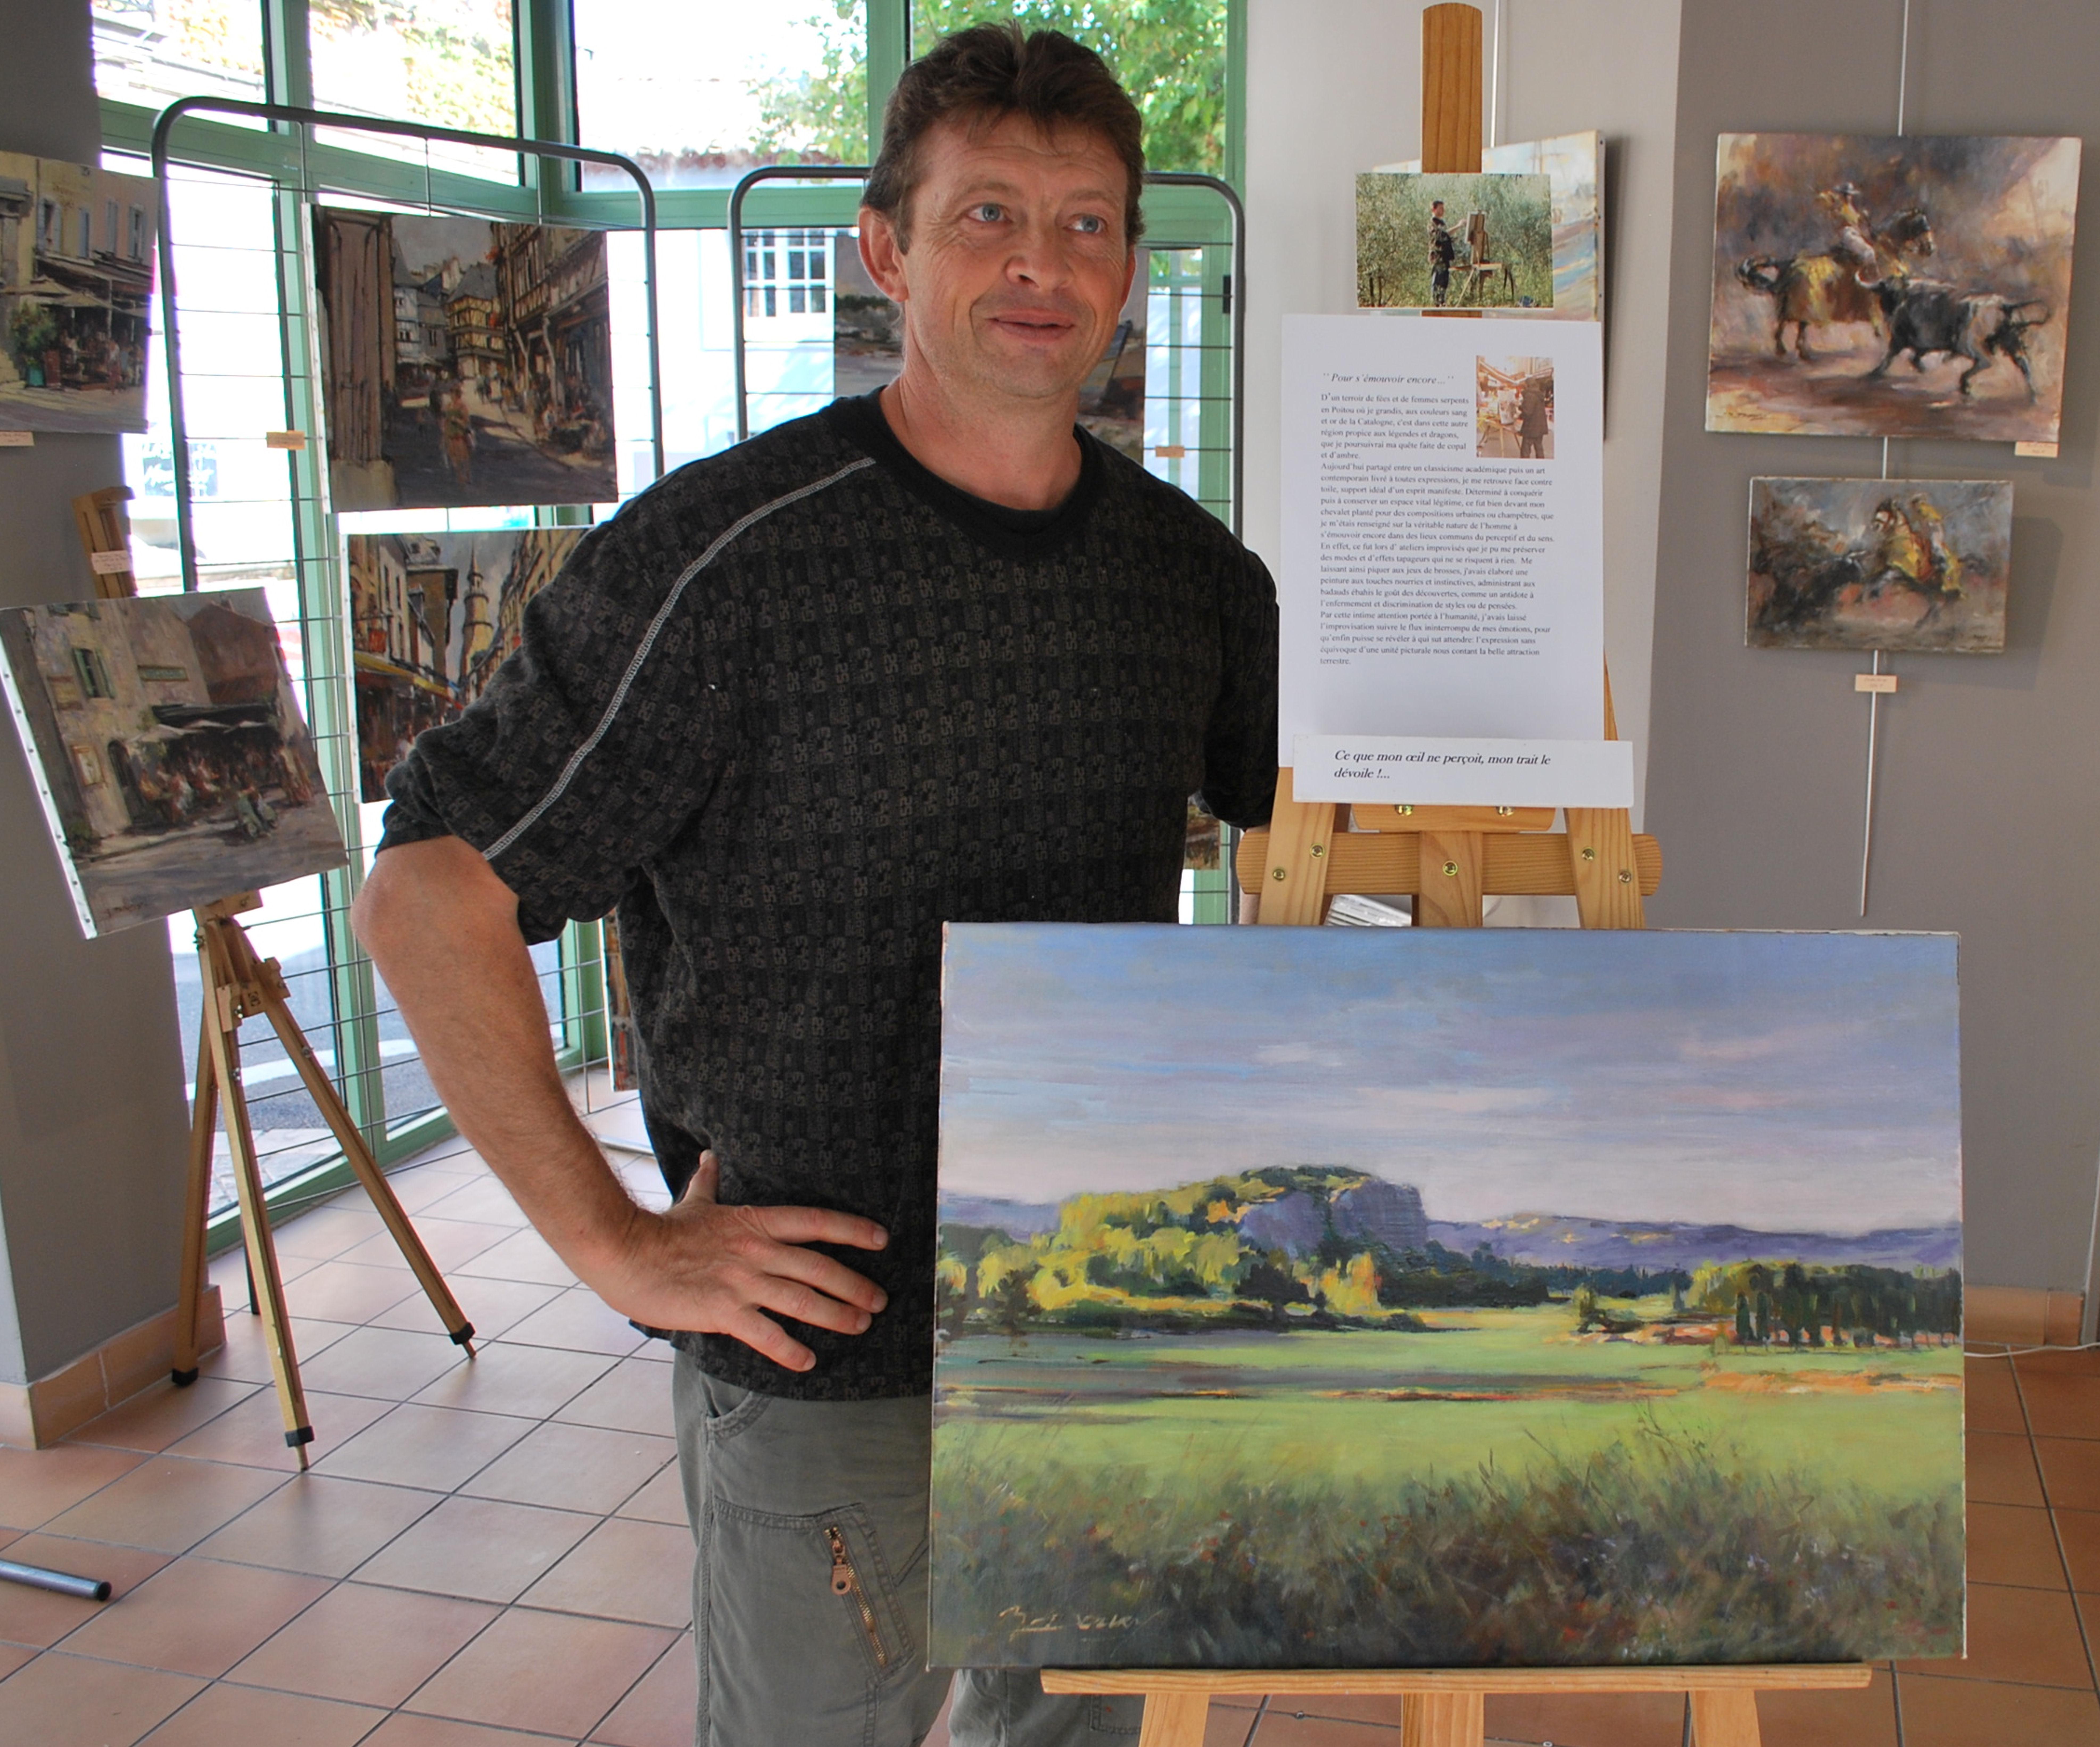 Expositions d 39 artistes de mai octobre office de - Office de tourisme maussane les alpilles ...